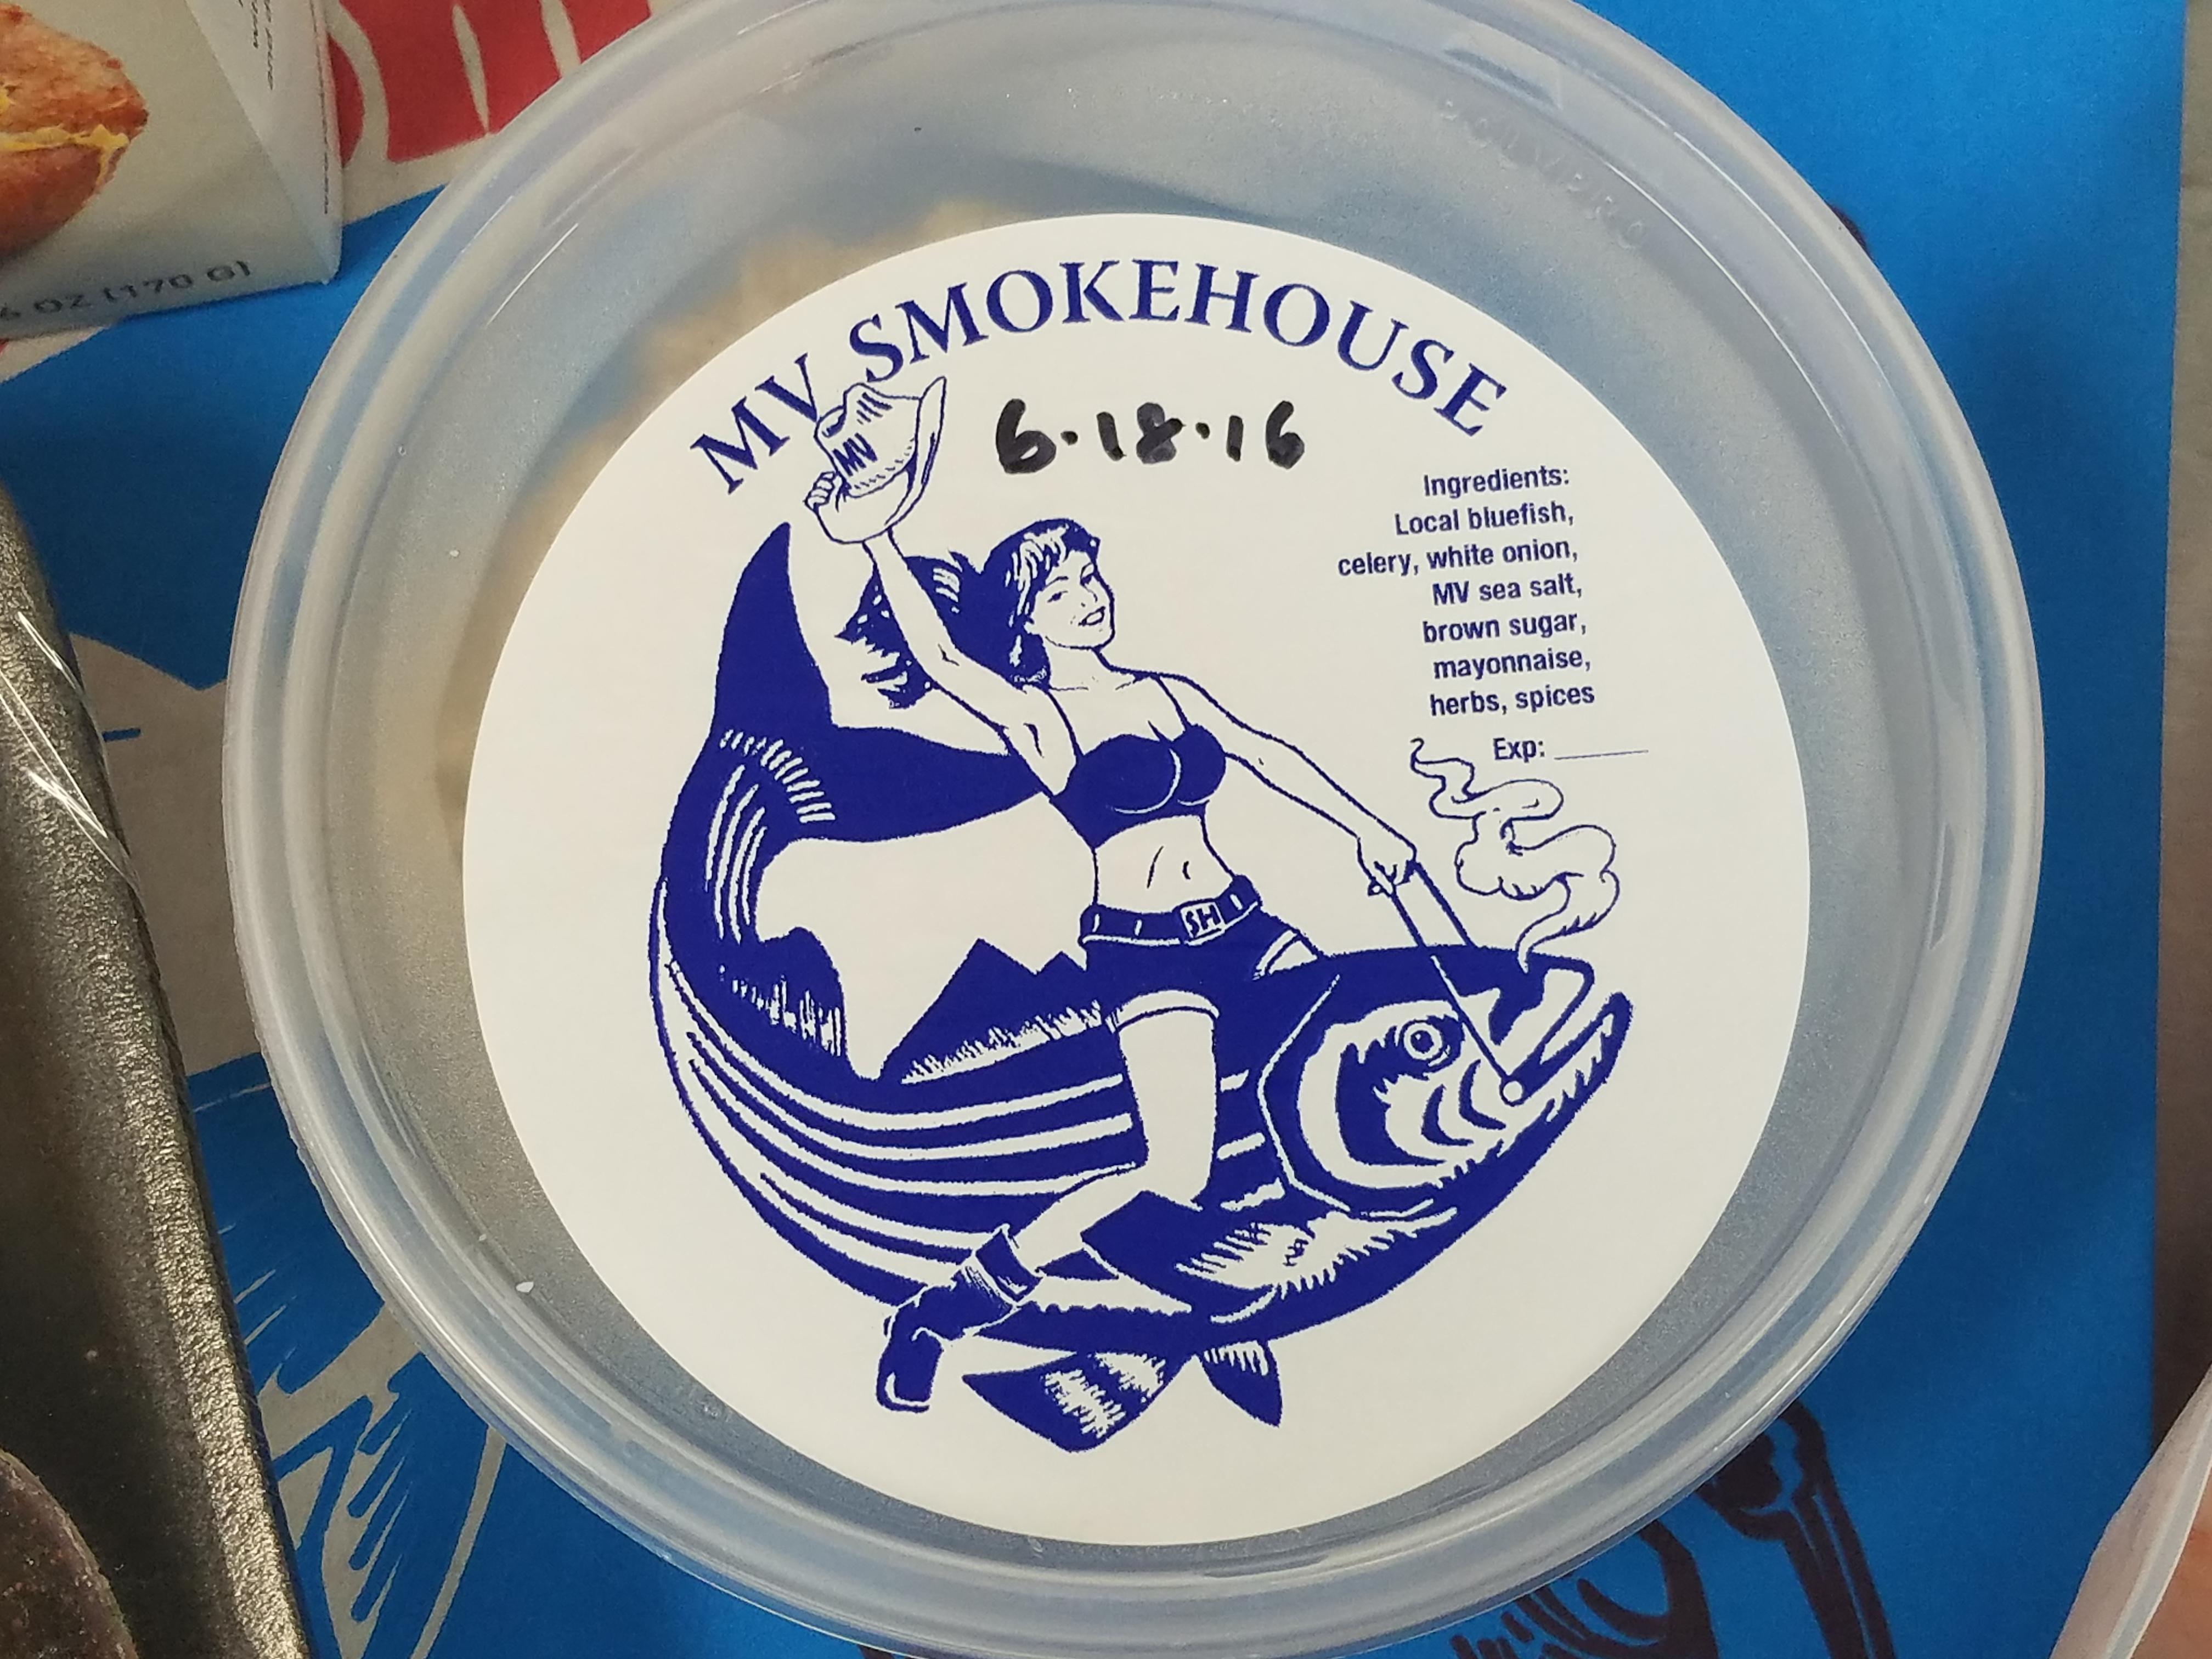 MV Smokehouse Spreads